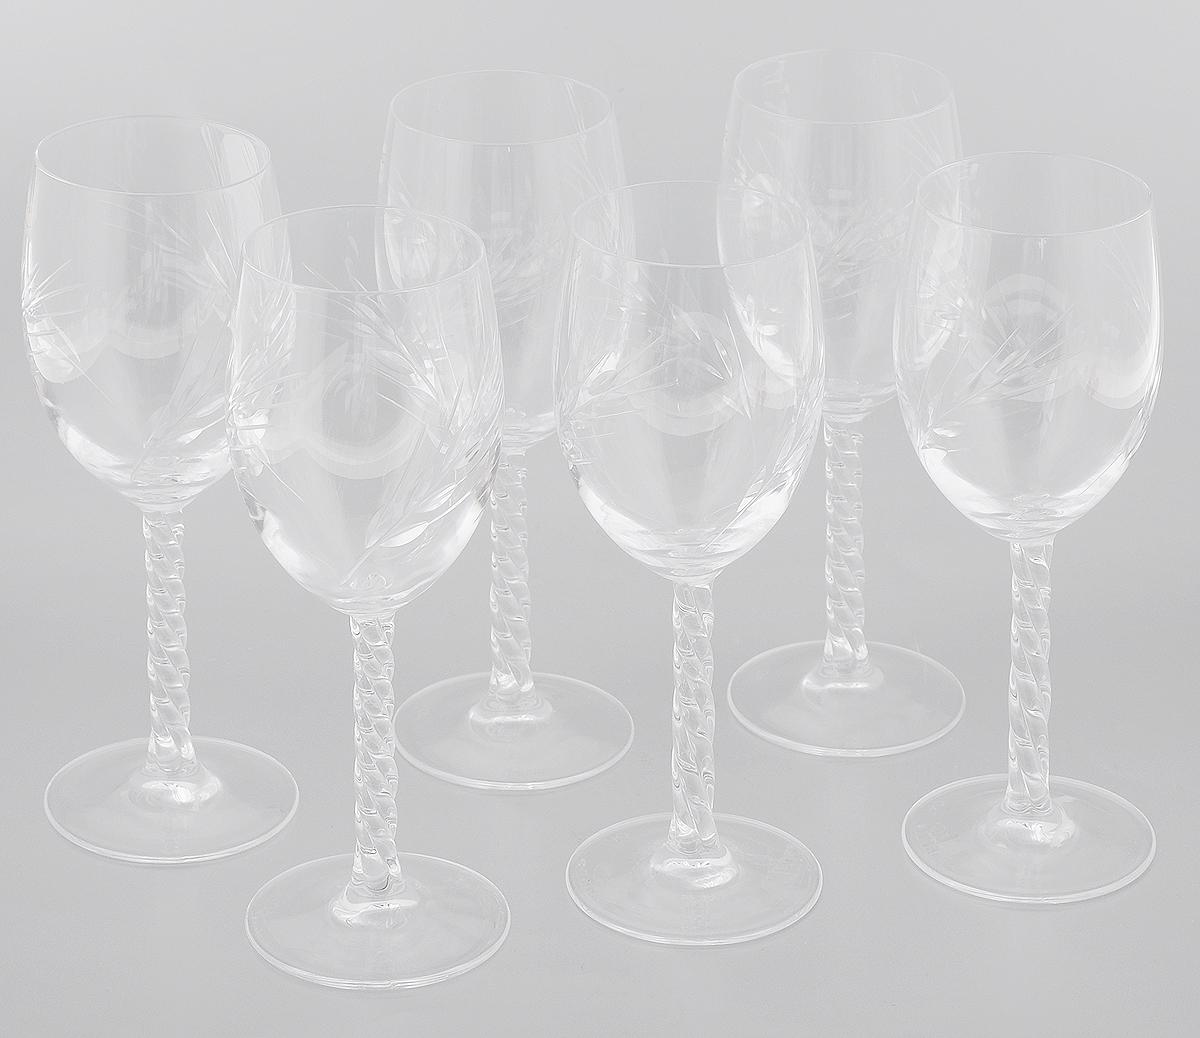 Набор фужеров Cristal dArques Fleury Epi, 250 мл, 6 штG4970Набор фужеров Cristal dArques Fleury Epi состоит из шести бокалов, выполненных из прочного стекла. Изделия оснащены высокими ножками и предназначены для подачи различных напитков. Они сочетают в себе элегантный дизайн и функциональность. Набор фужеров Cristal dArques Fleury Epi прекрасно оформит праздничный стол и создаст приятную атмосферу за романтическим ужином. Такой набор также станет хорошим подарком к любому случаю. Можно мыть в посудомоечной машине. Диаметр бокала (по верхнему краю): 6 см. Высота бокала: 19,5 см. Диаметр основания: 7 см.